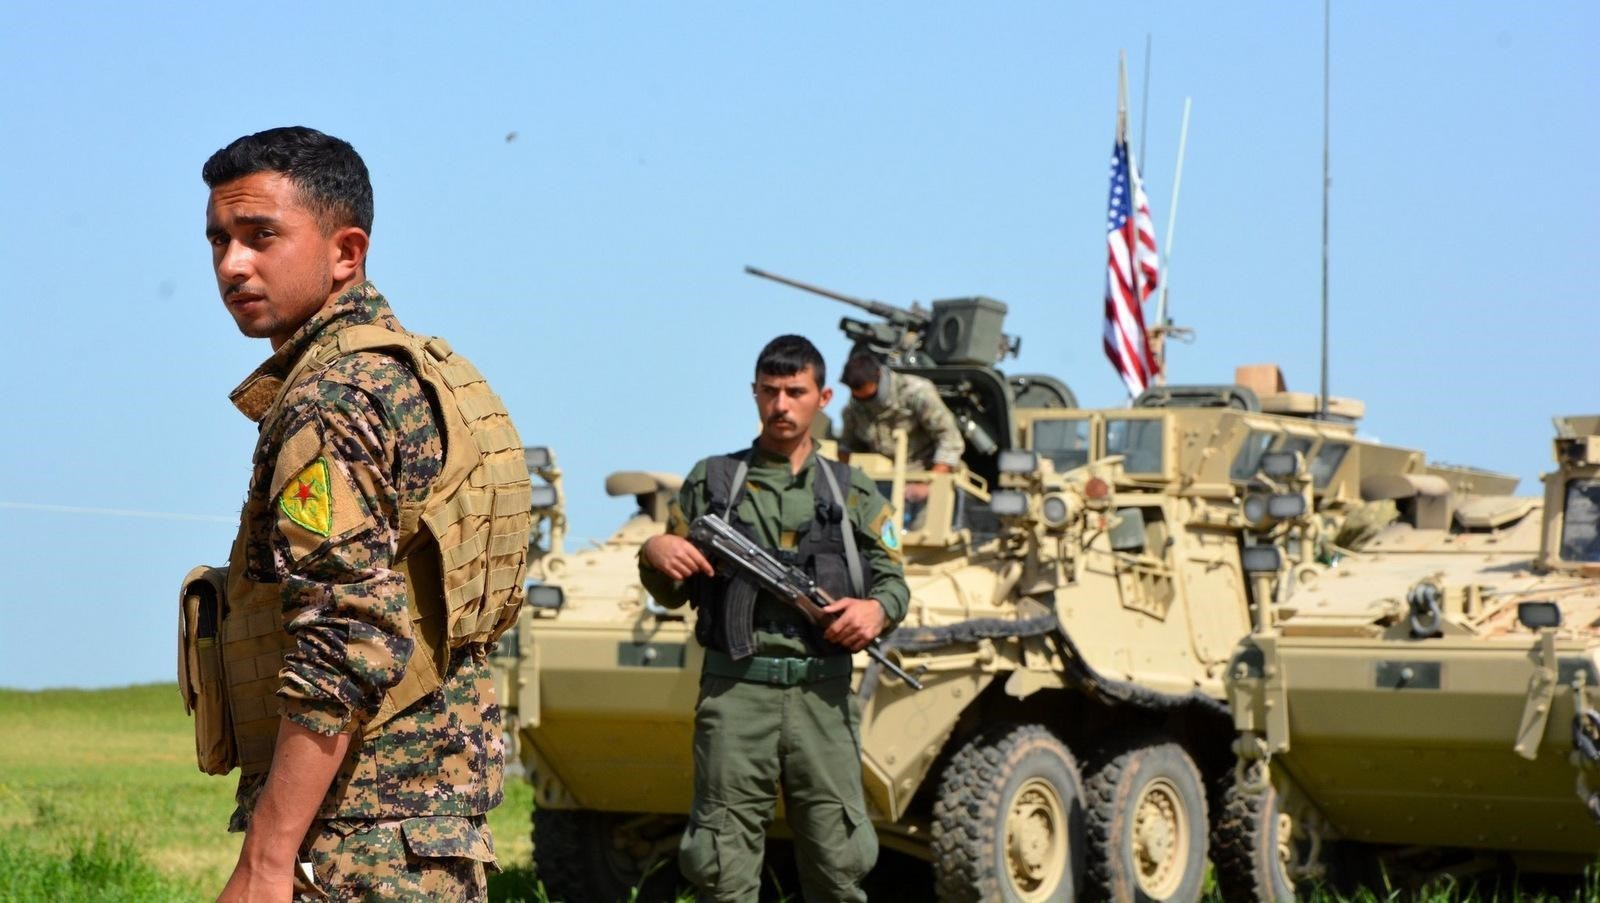 القوات الأميركية تقتحم بلدة ذيبان معقل قبيلة العكيدات (أرشيف)